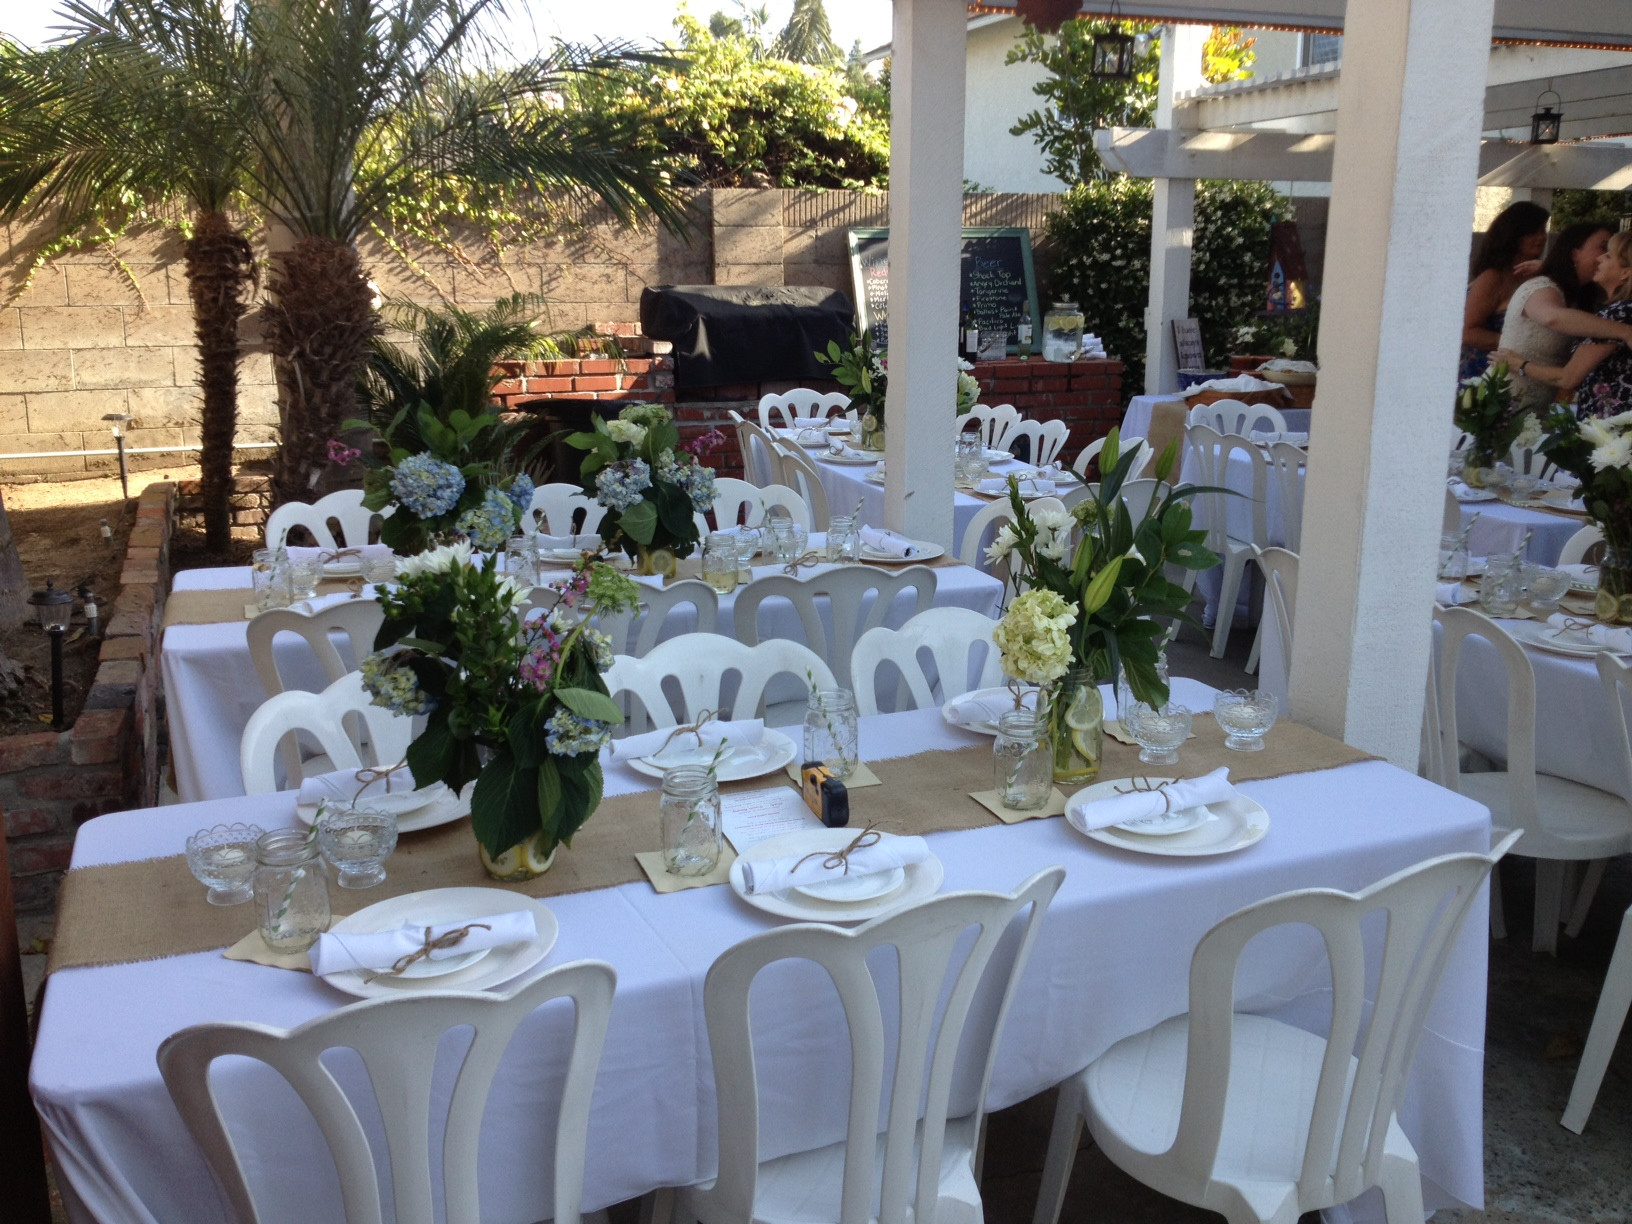 Backyard Wedding Receptions  Backyard DIY Wedding Reception